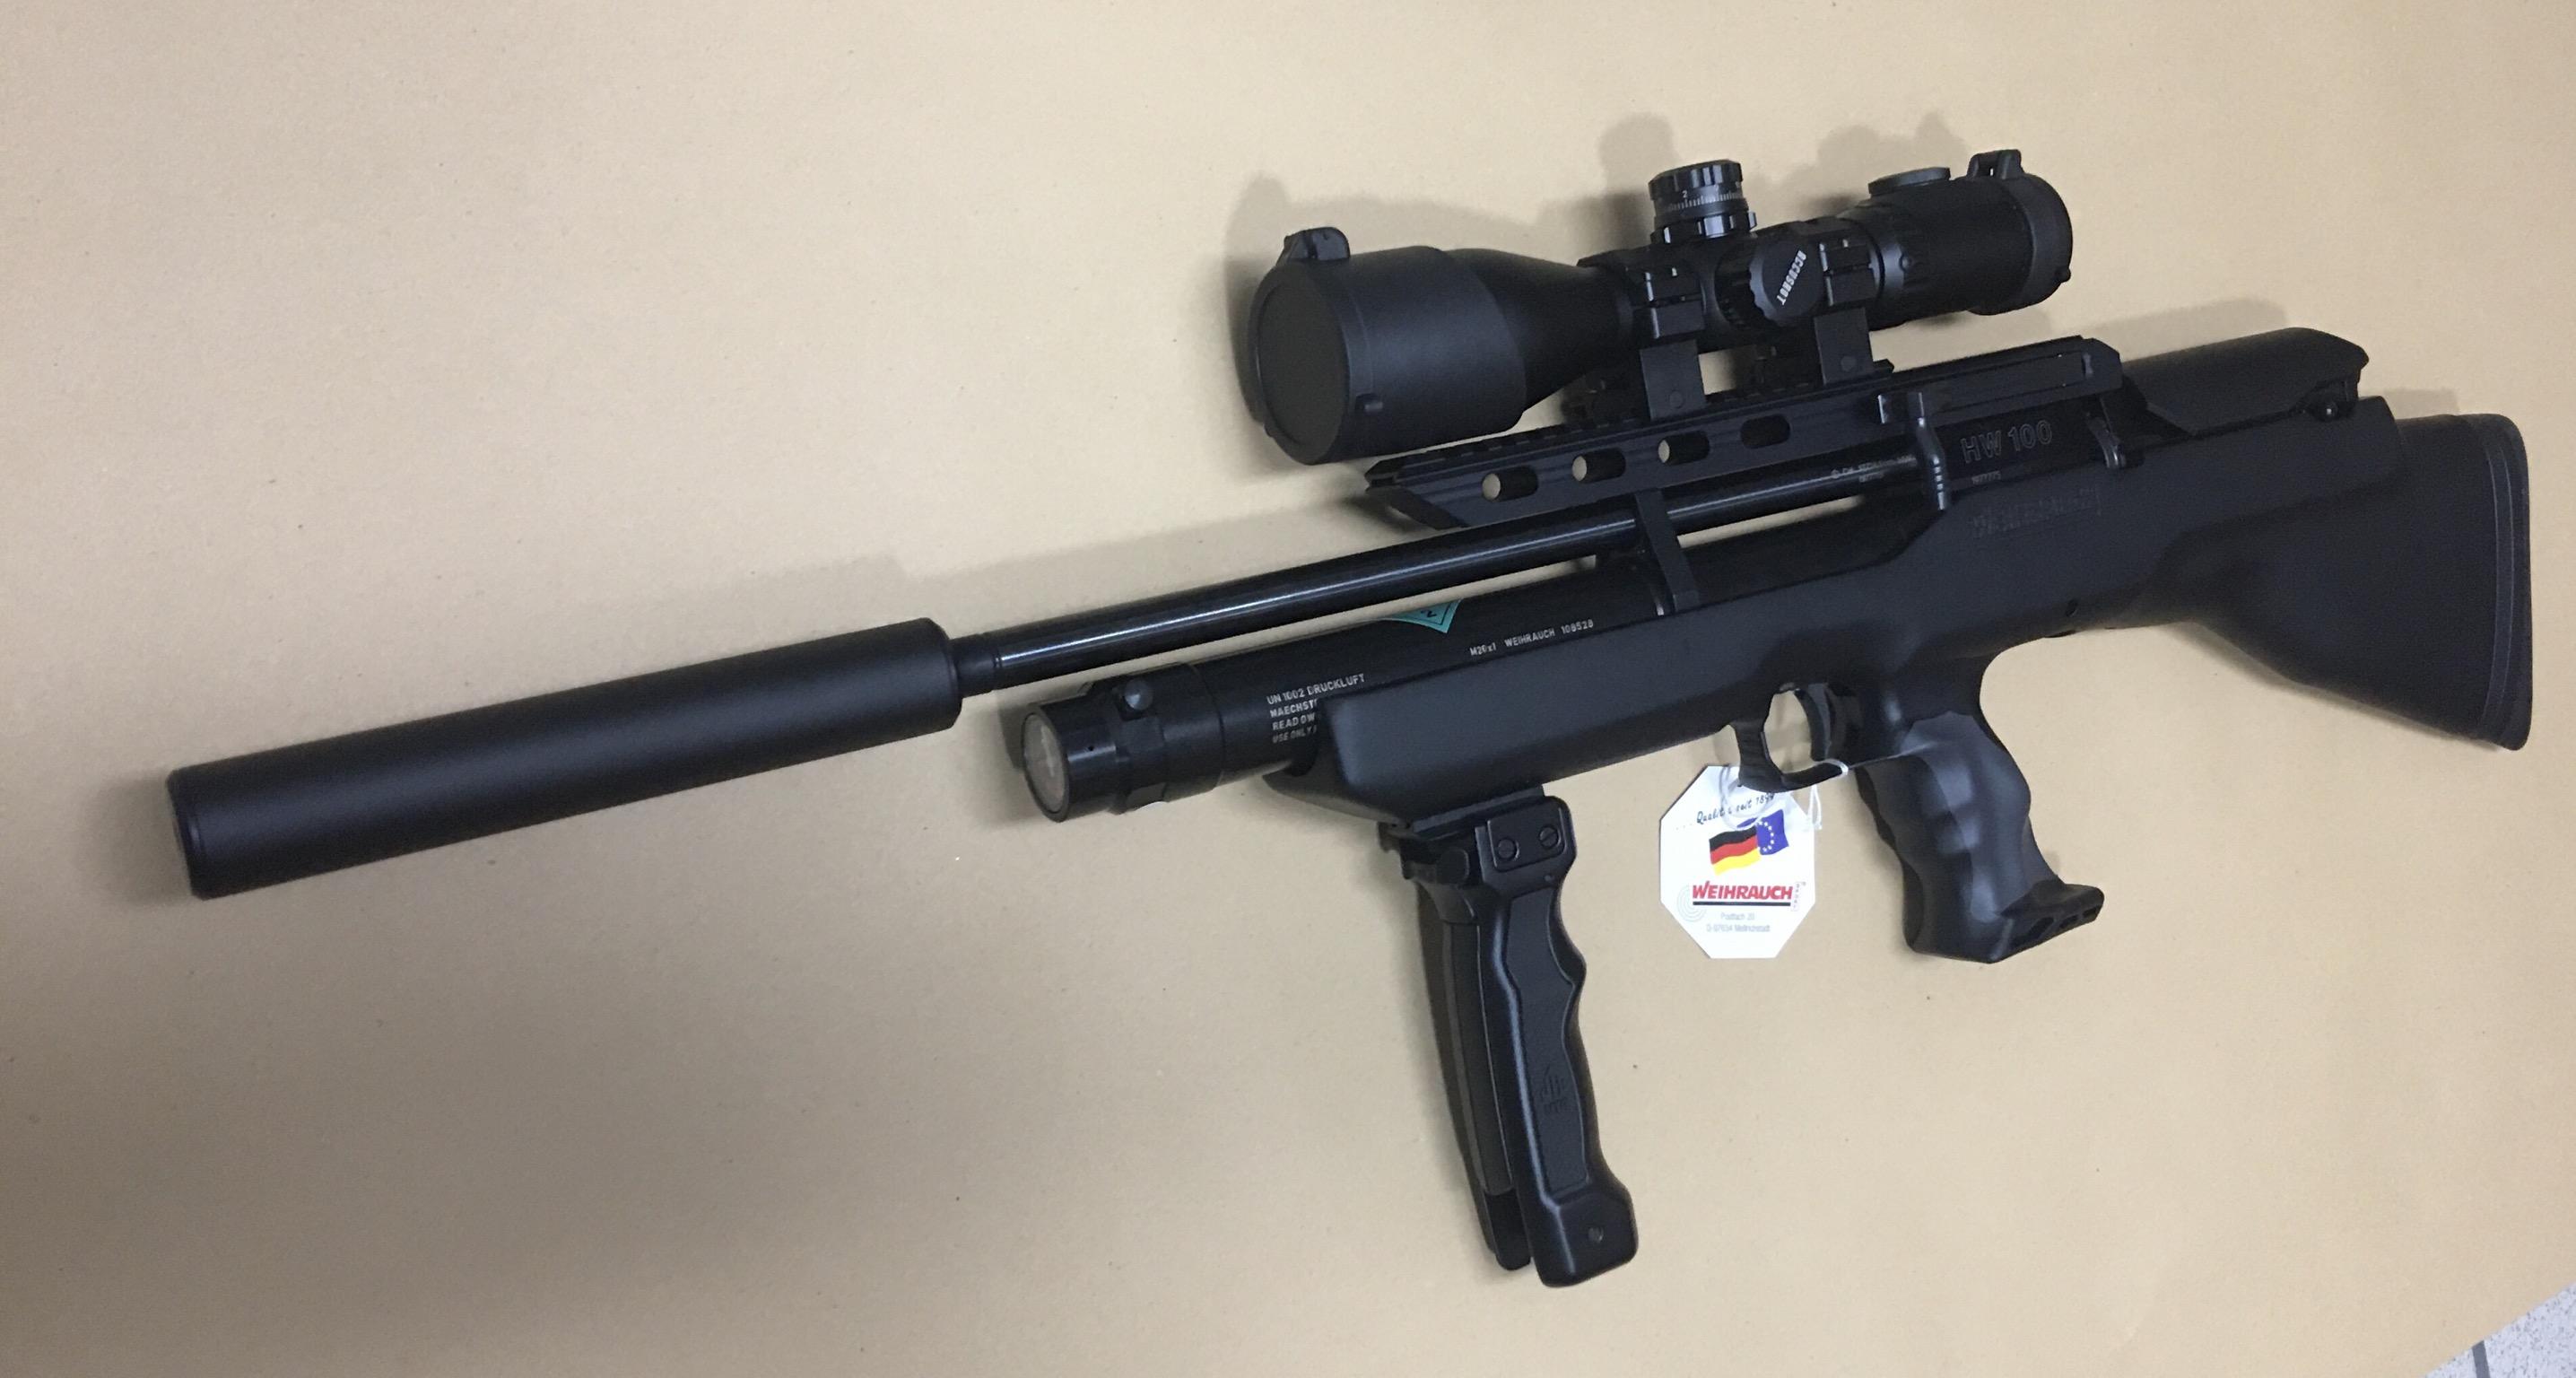 Auch in diesem Beispiel sehen Sie das compakte Zielfernrohr auf einem <a href=1160466-45-41.htm> Luftgewehr HW 100 BP</a>